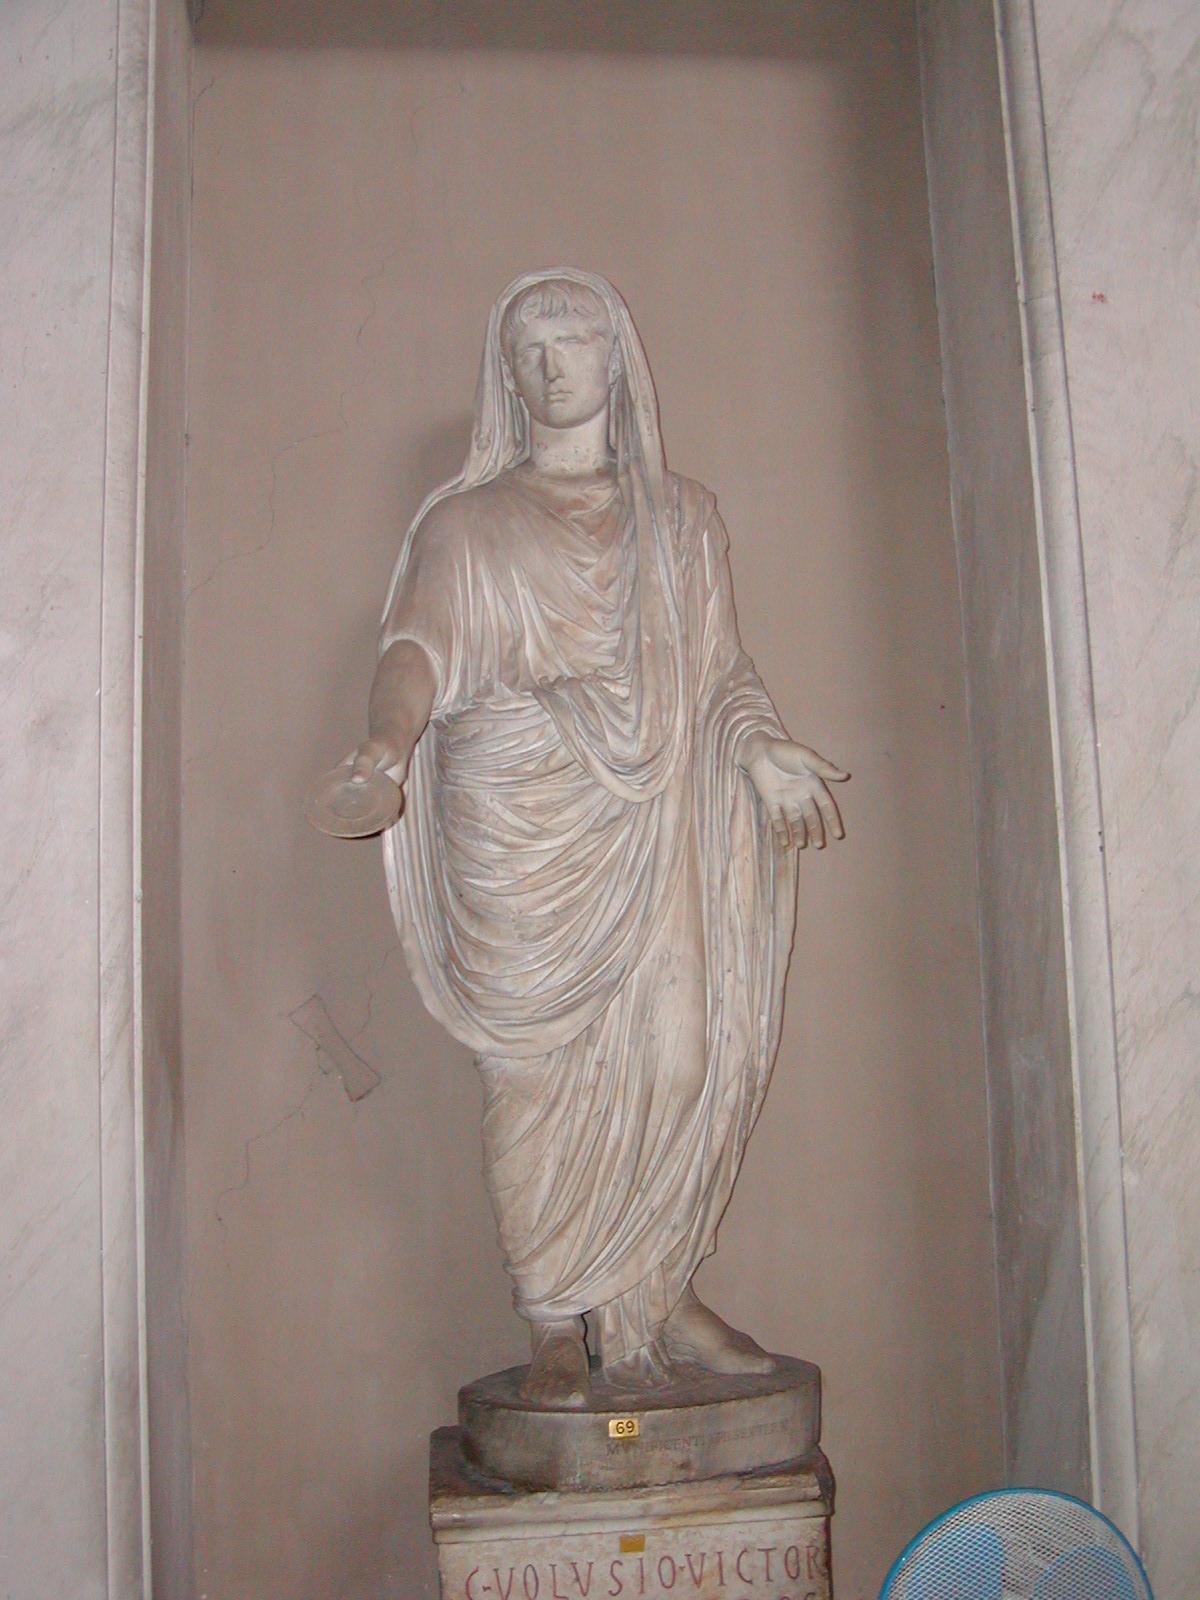 Pio-Clementine Museum - 2002-09-10-125636